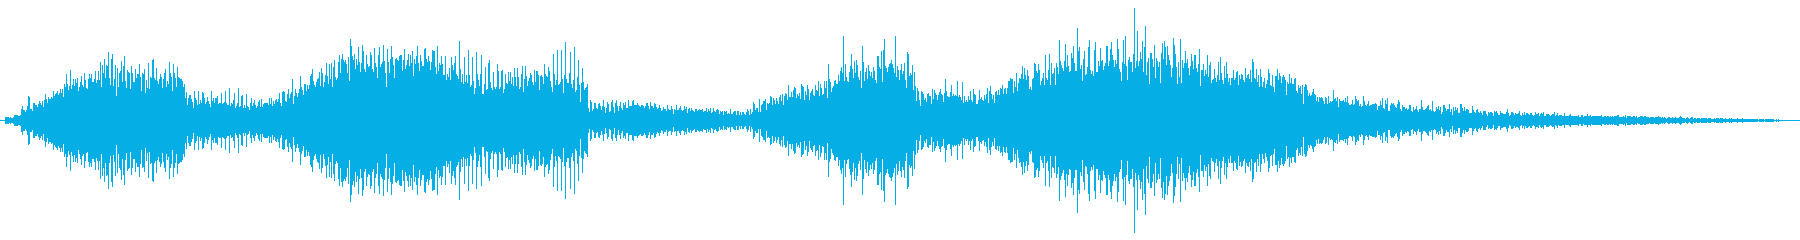 【エレキギター】クリーンストローク音②の再生済みの波形